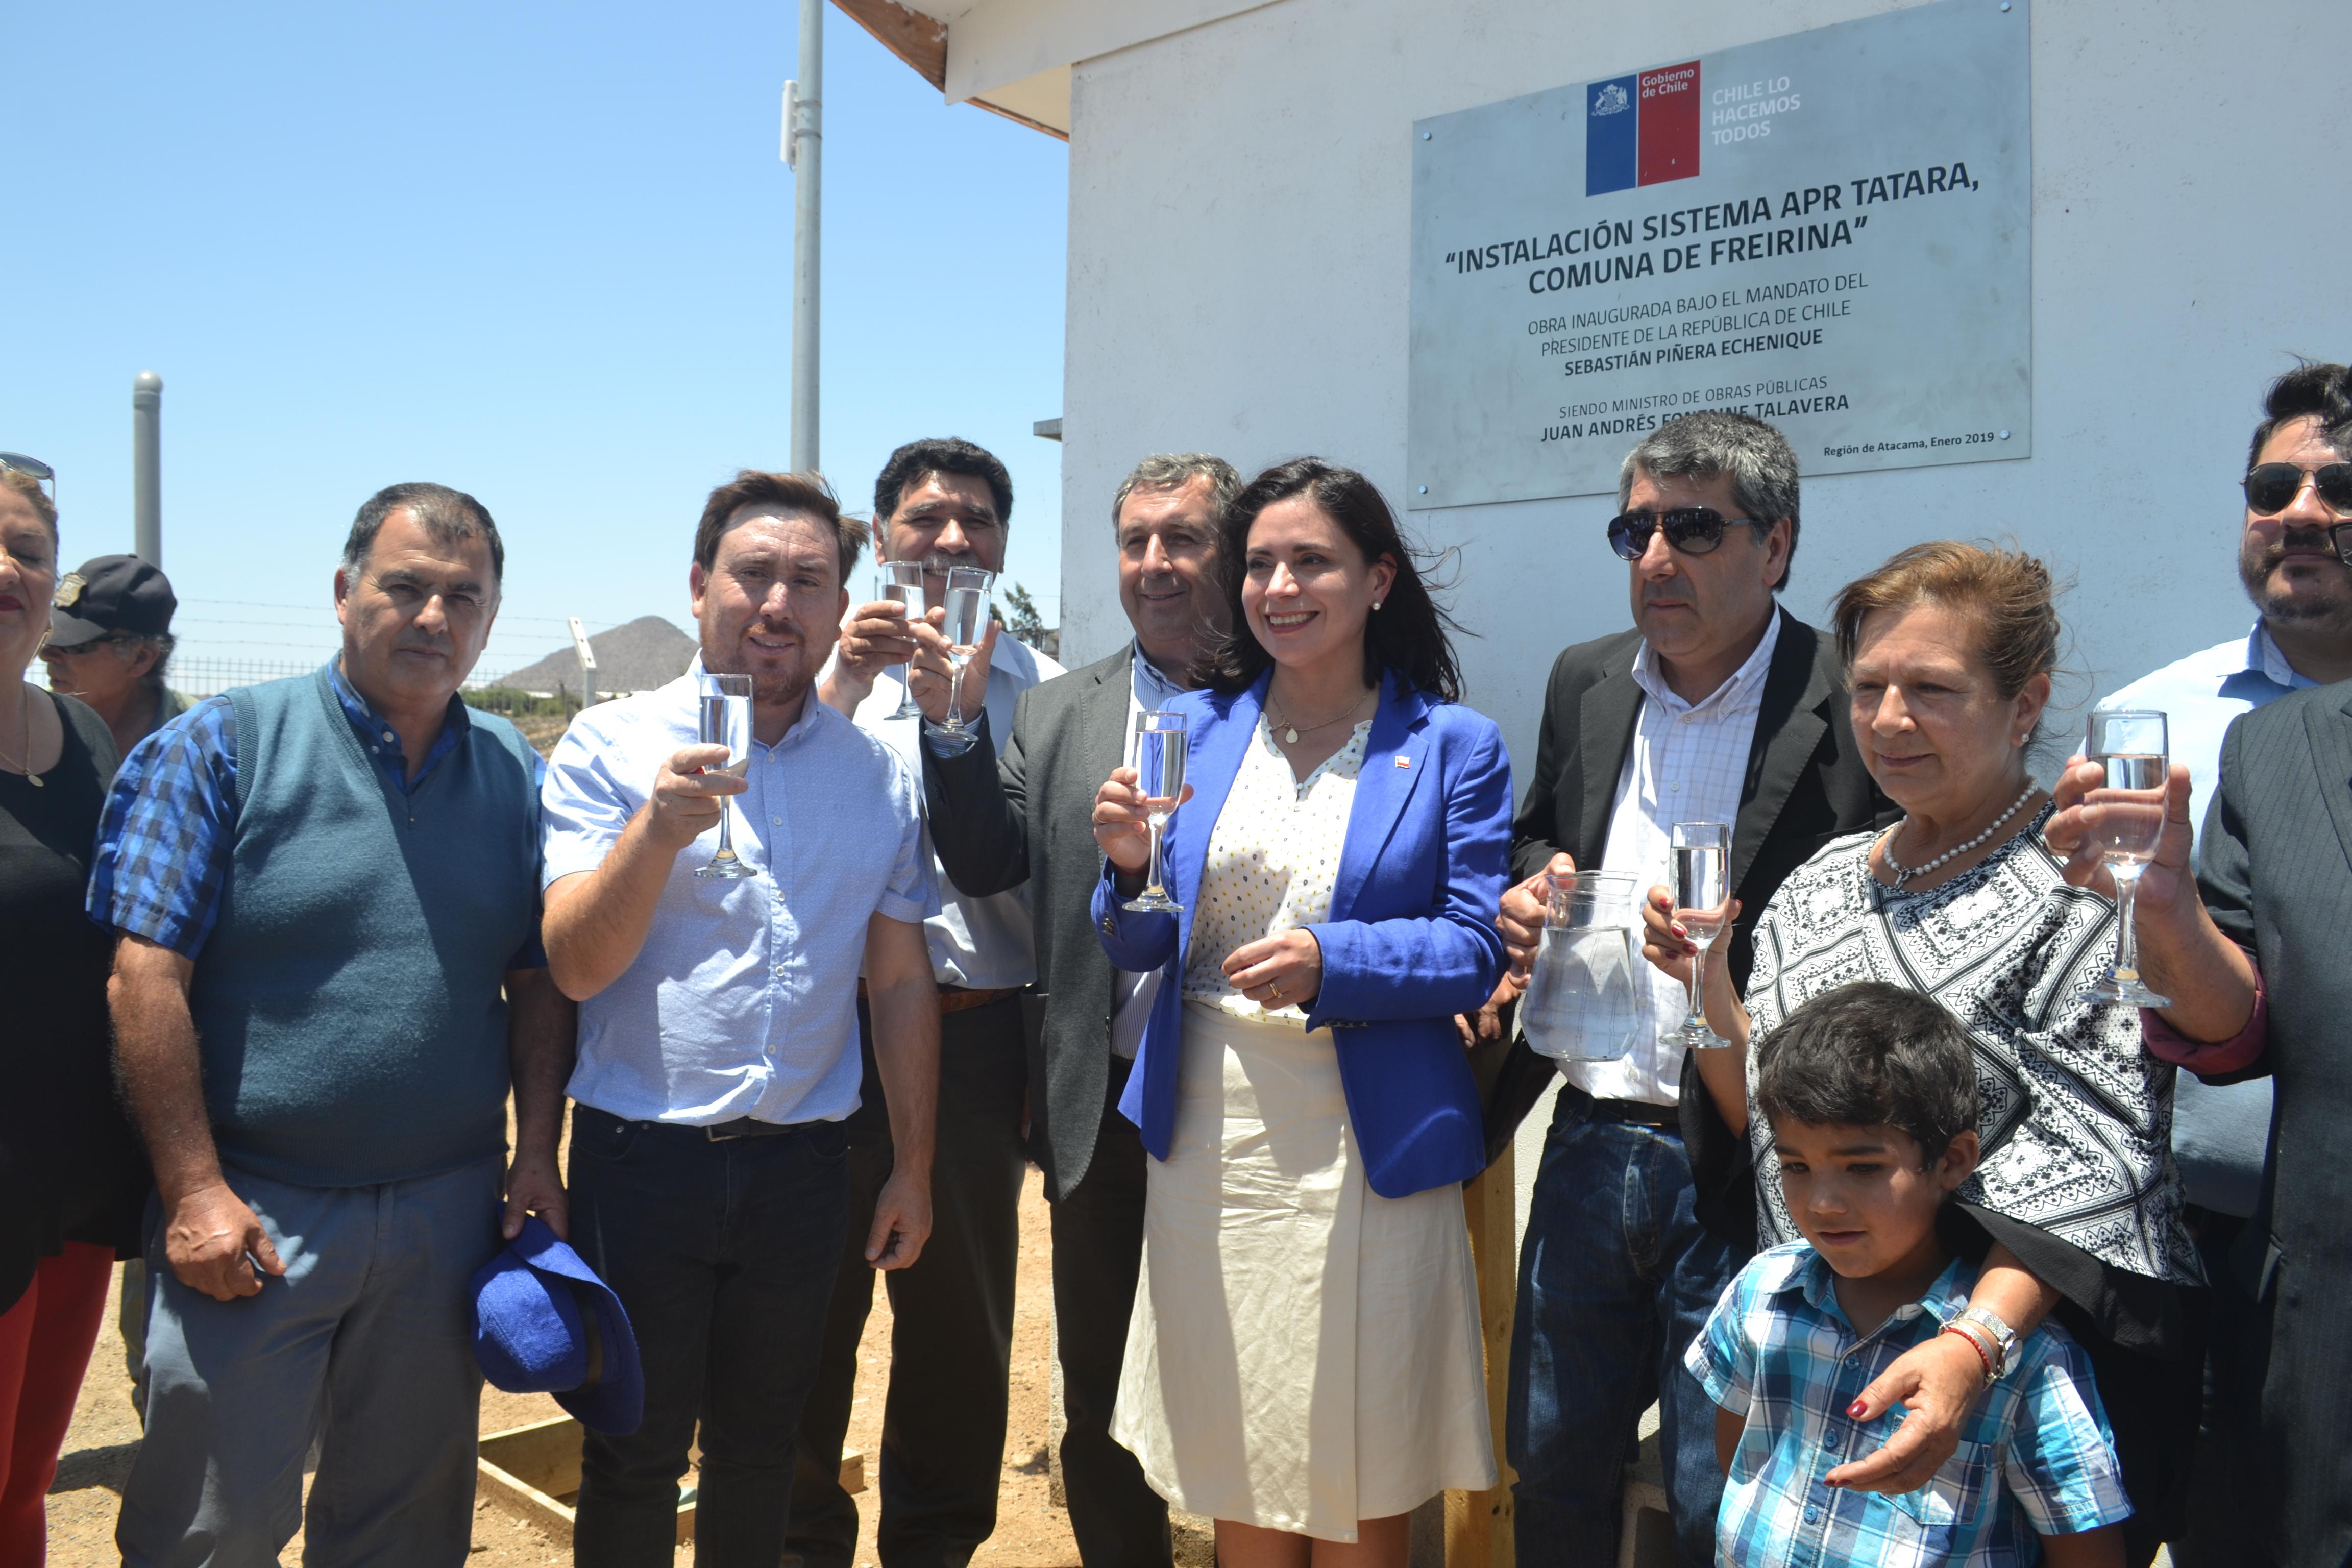 Vecinos de Tatára en Freirina ya cuentan con agua potable